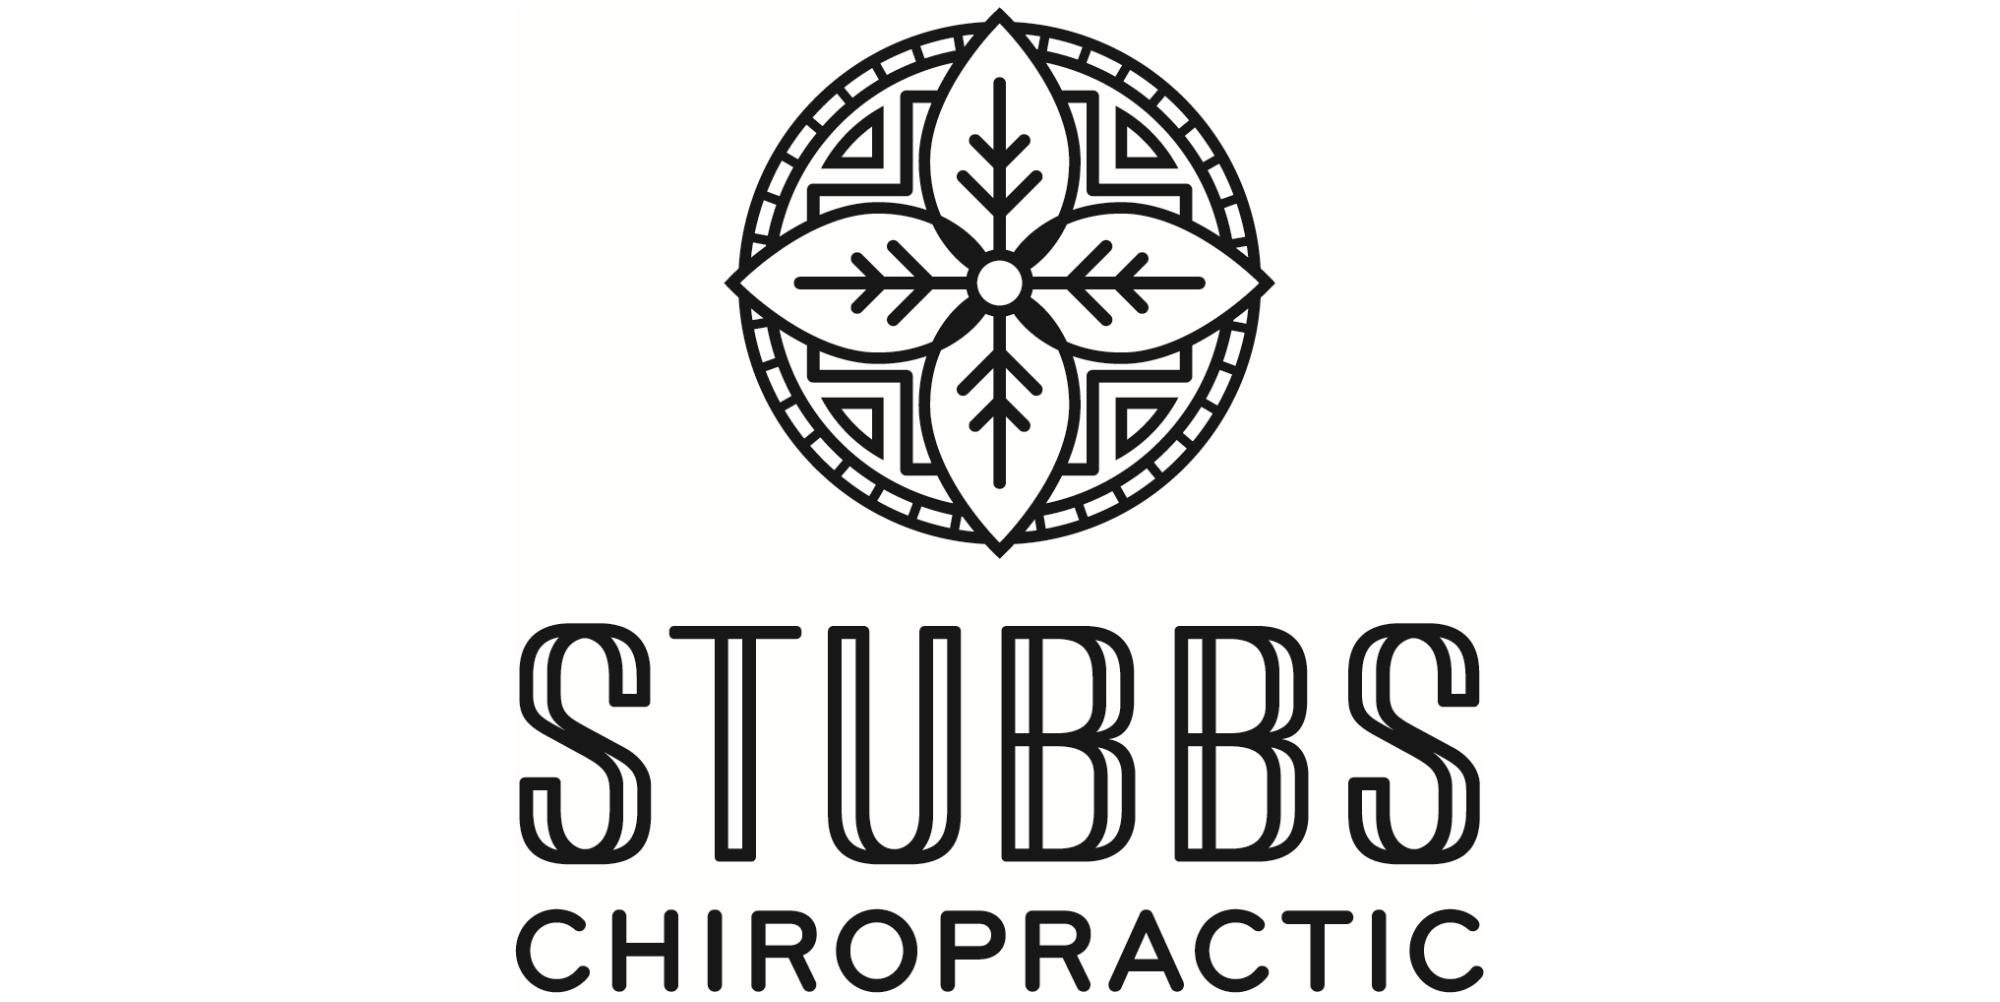 Stubbs Chiropractic